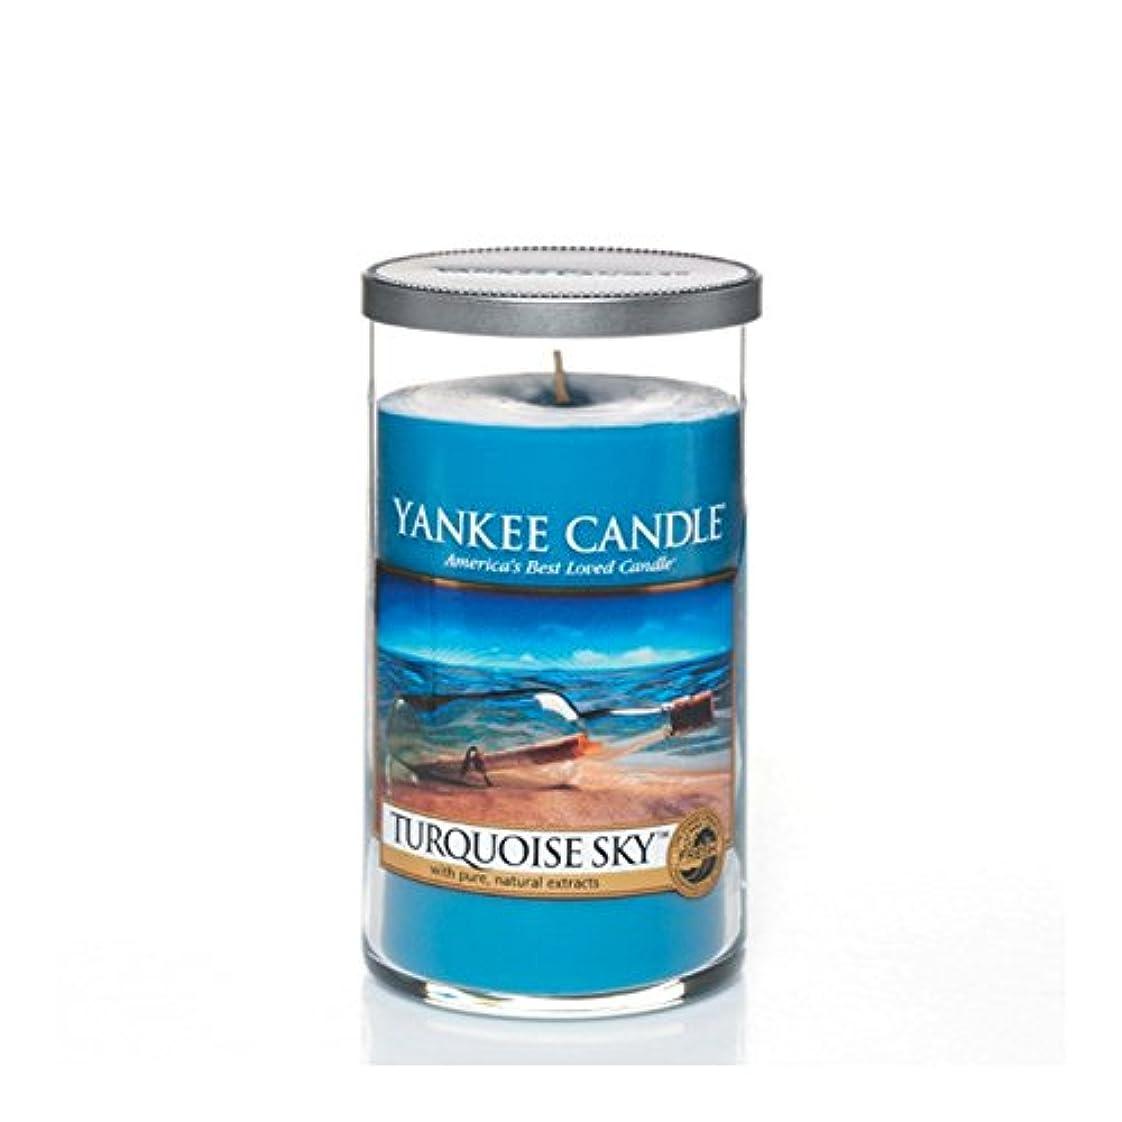 ドット損傷担保Yankee Candles Medium Pillar Candle - Turquoise Sky (Pack of 2) - ヤンキーキャンドルメディアピラーキャンドル - ターコイズの空 (x2) [並行輸入品]